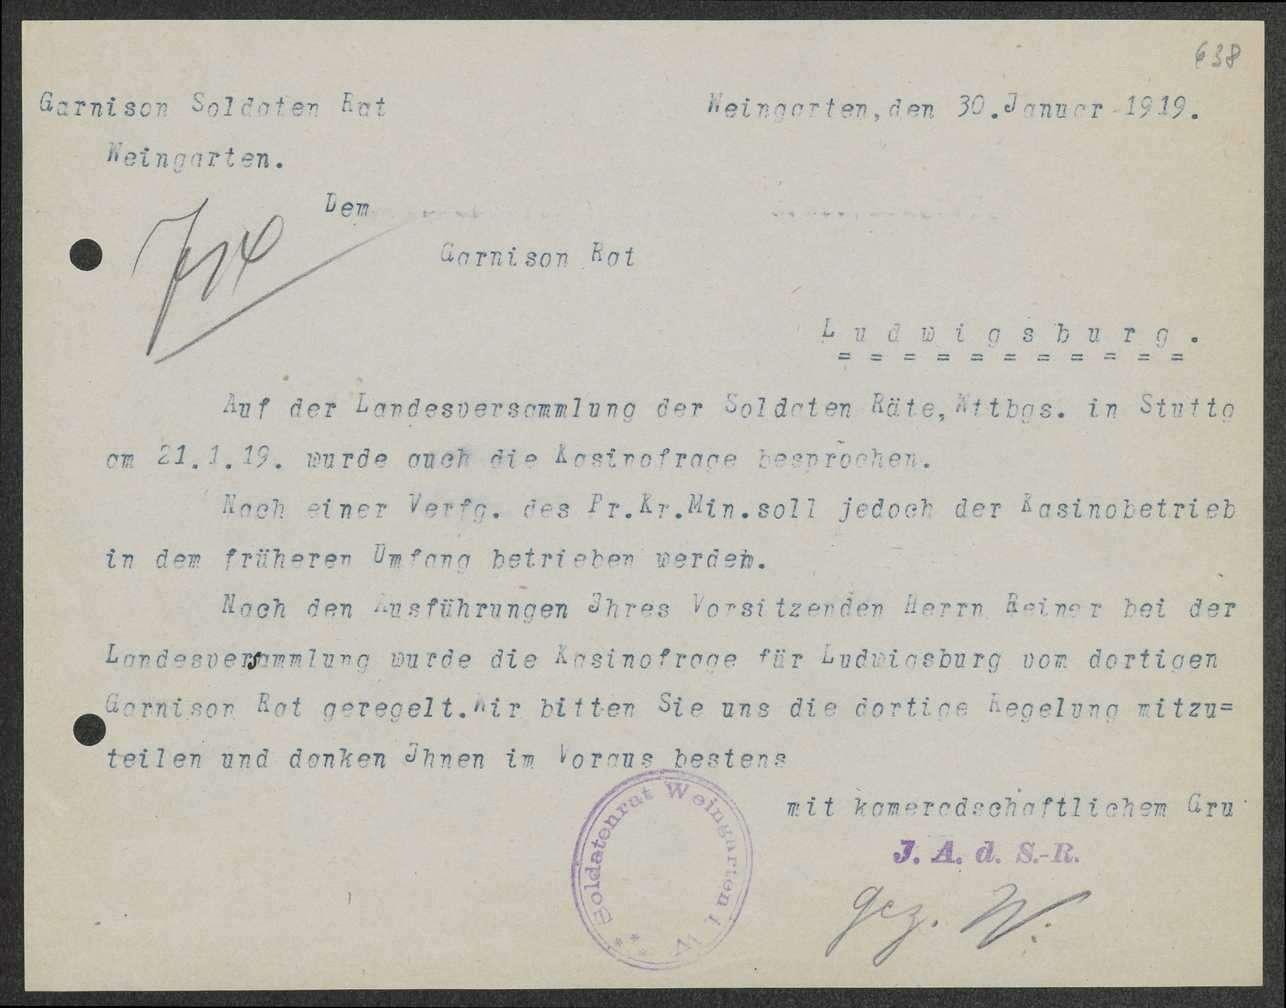 Kasinofrage, Regelung des Küchenbetriebs, Unterstellung und Verpachtung von Kantinen, Bild 3